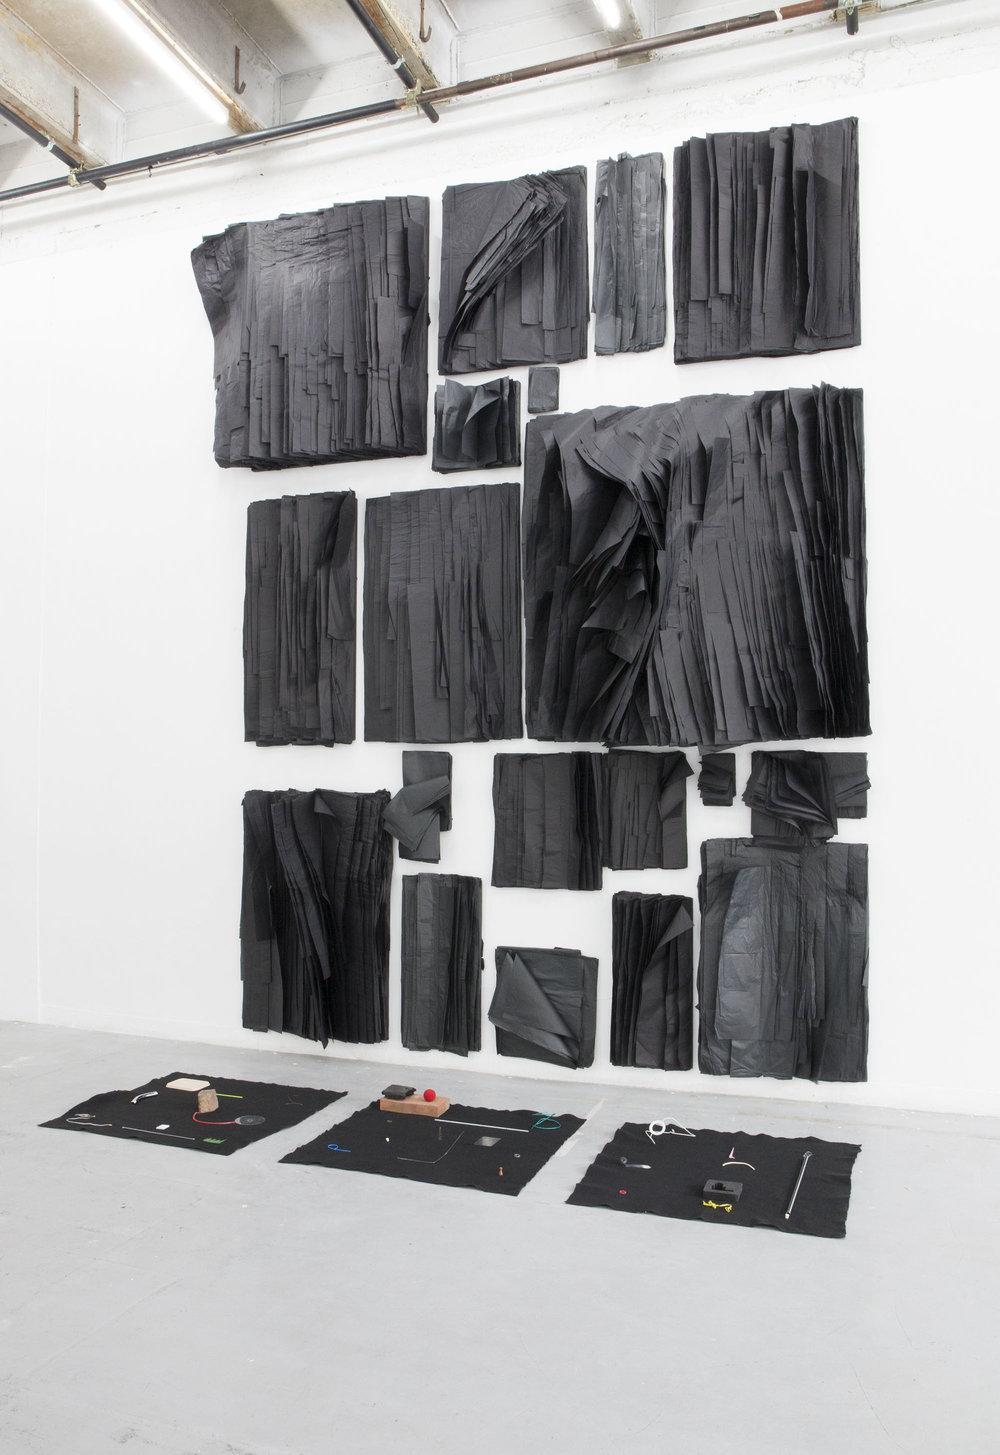 35_Quart d'heure américain - heiwata - Mains d'Oeuvres - Exhibition views.jpg